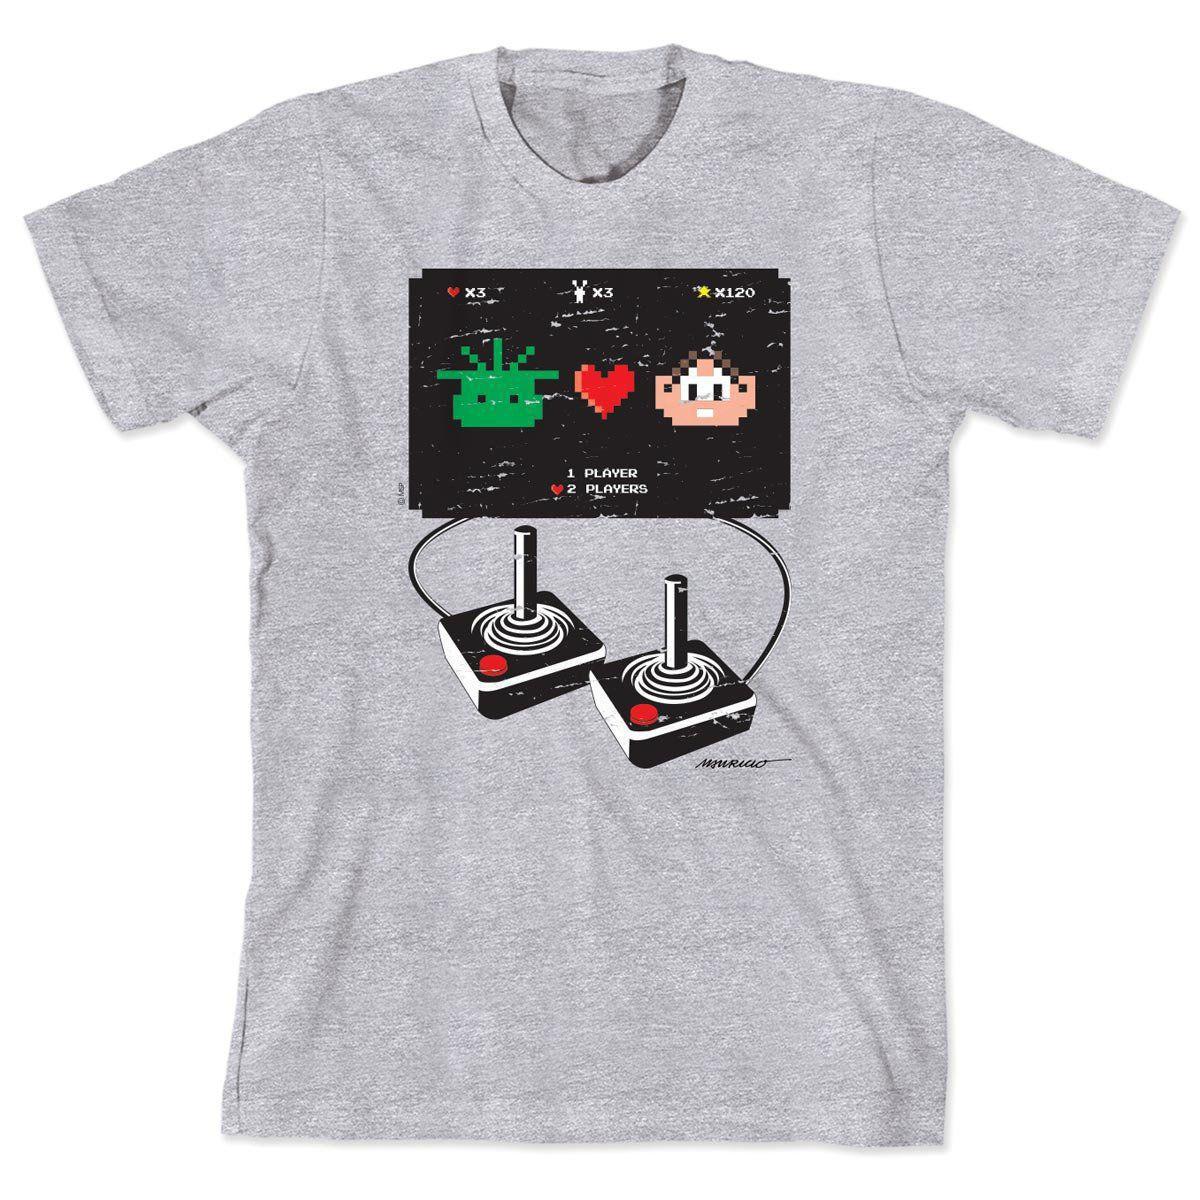 Camiseta Turma da Mônica 50 Anos Modelo 5 Anos 80